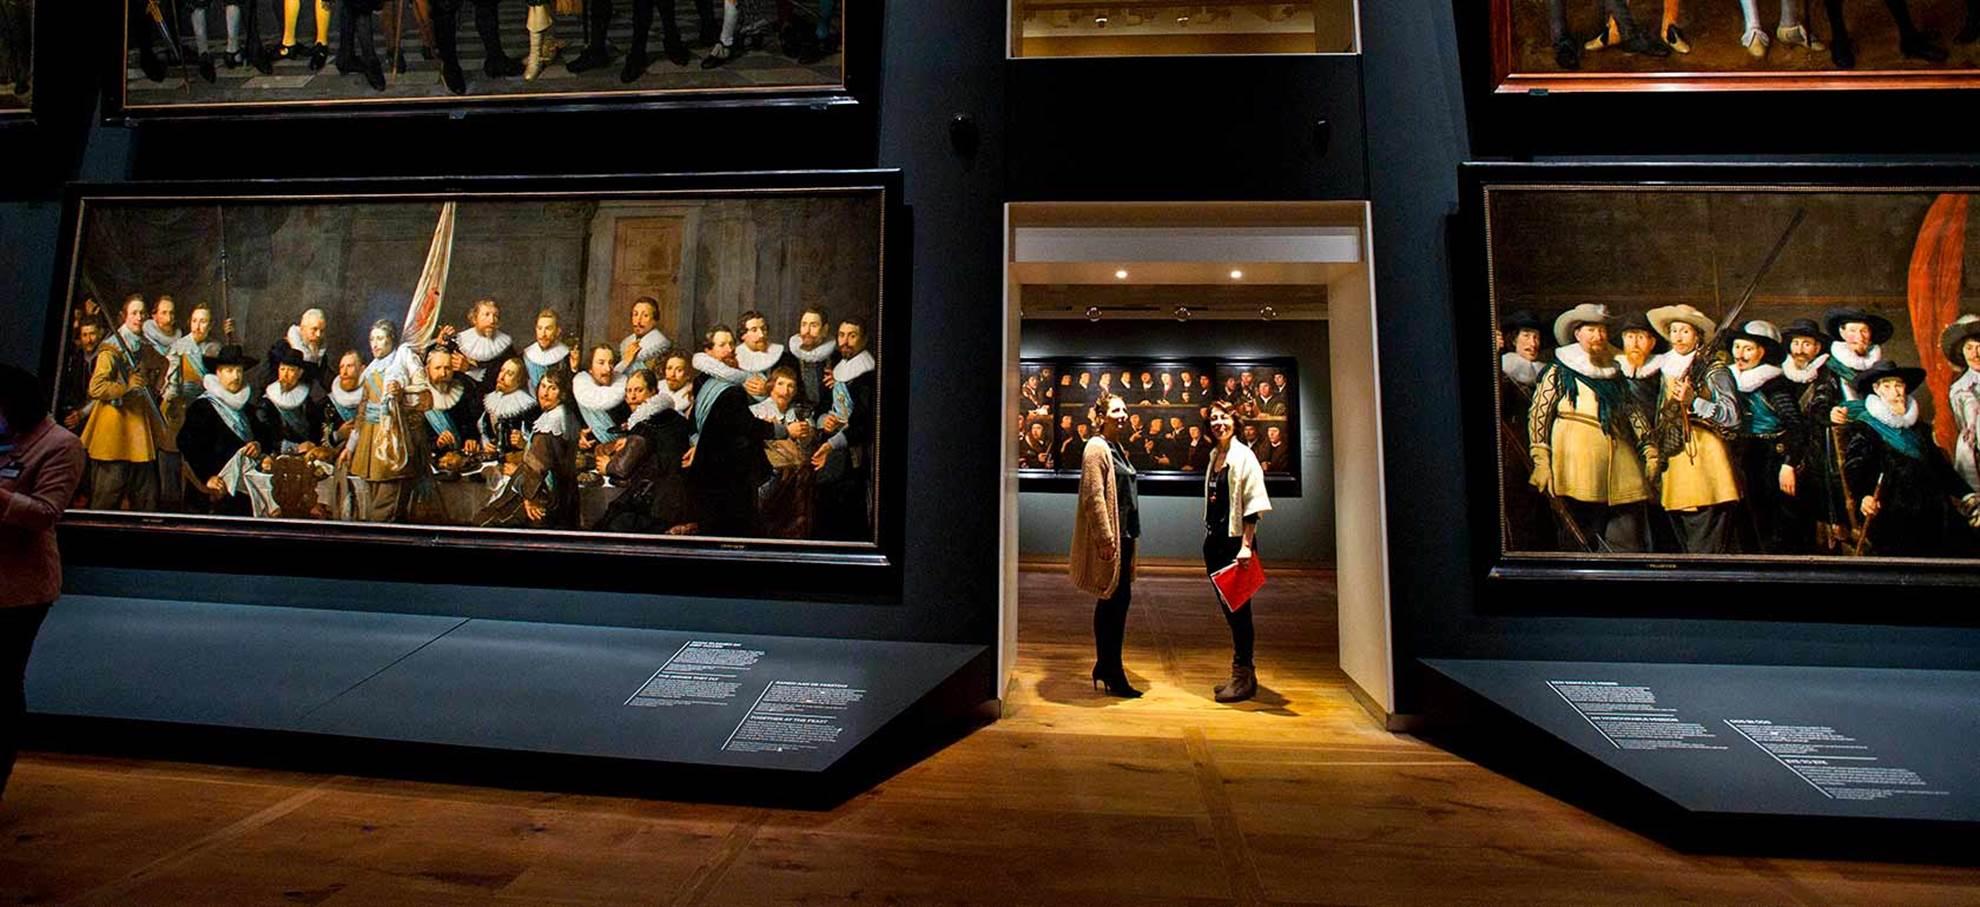 Galerie de Portraits de l'Age d'Or